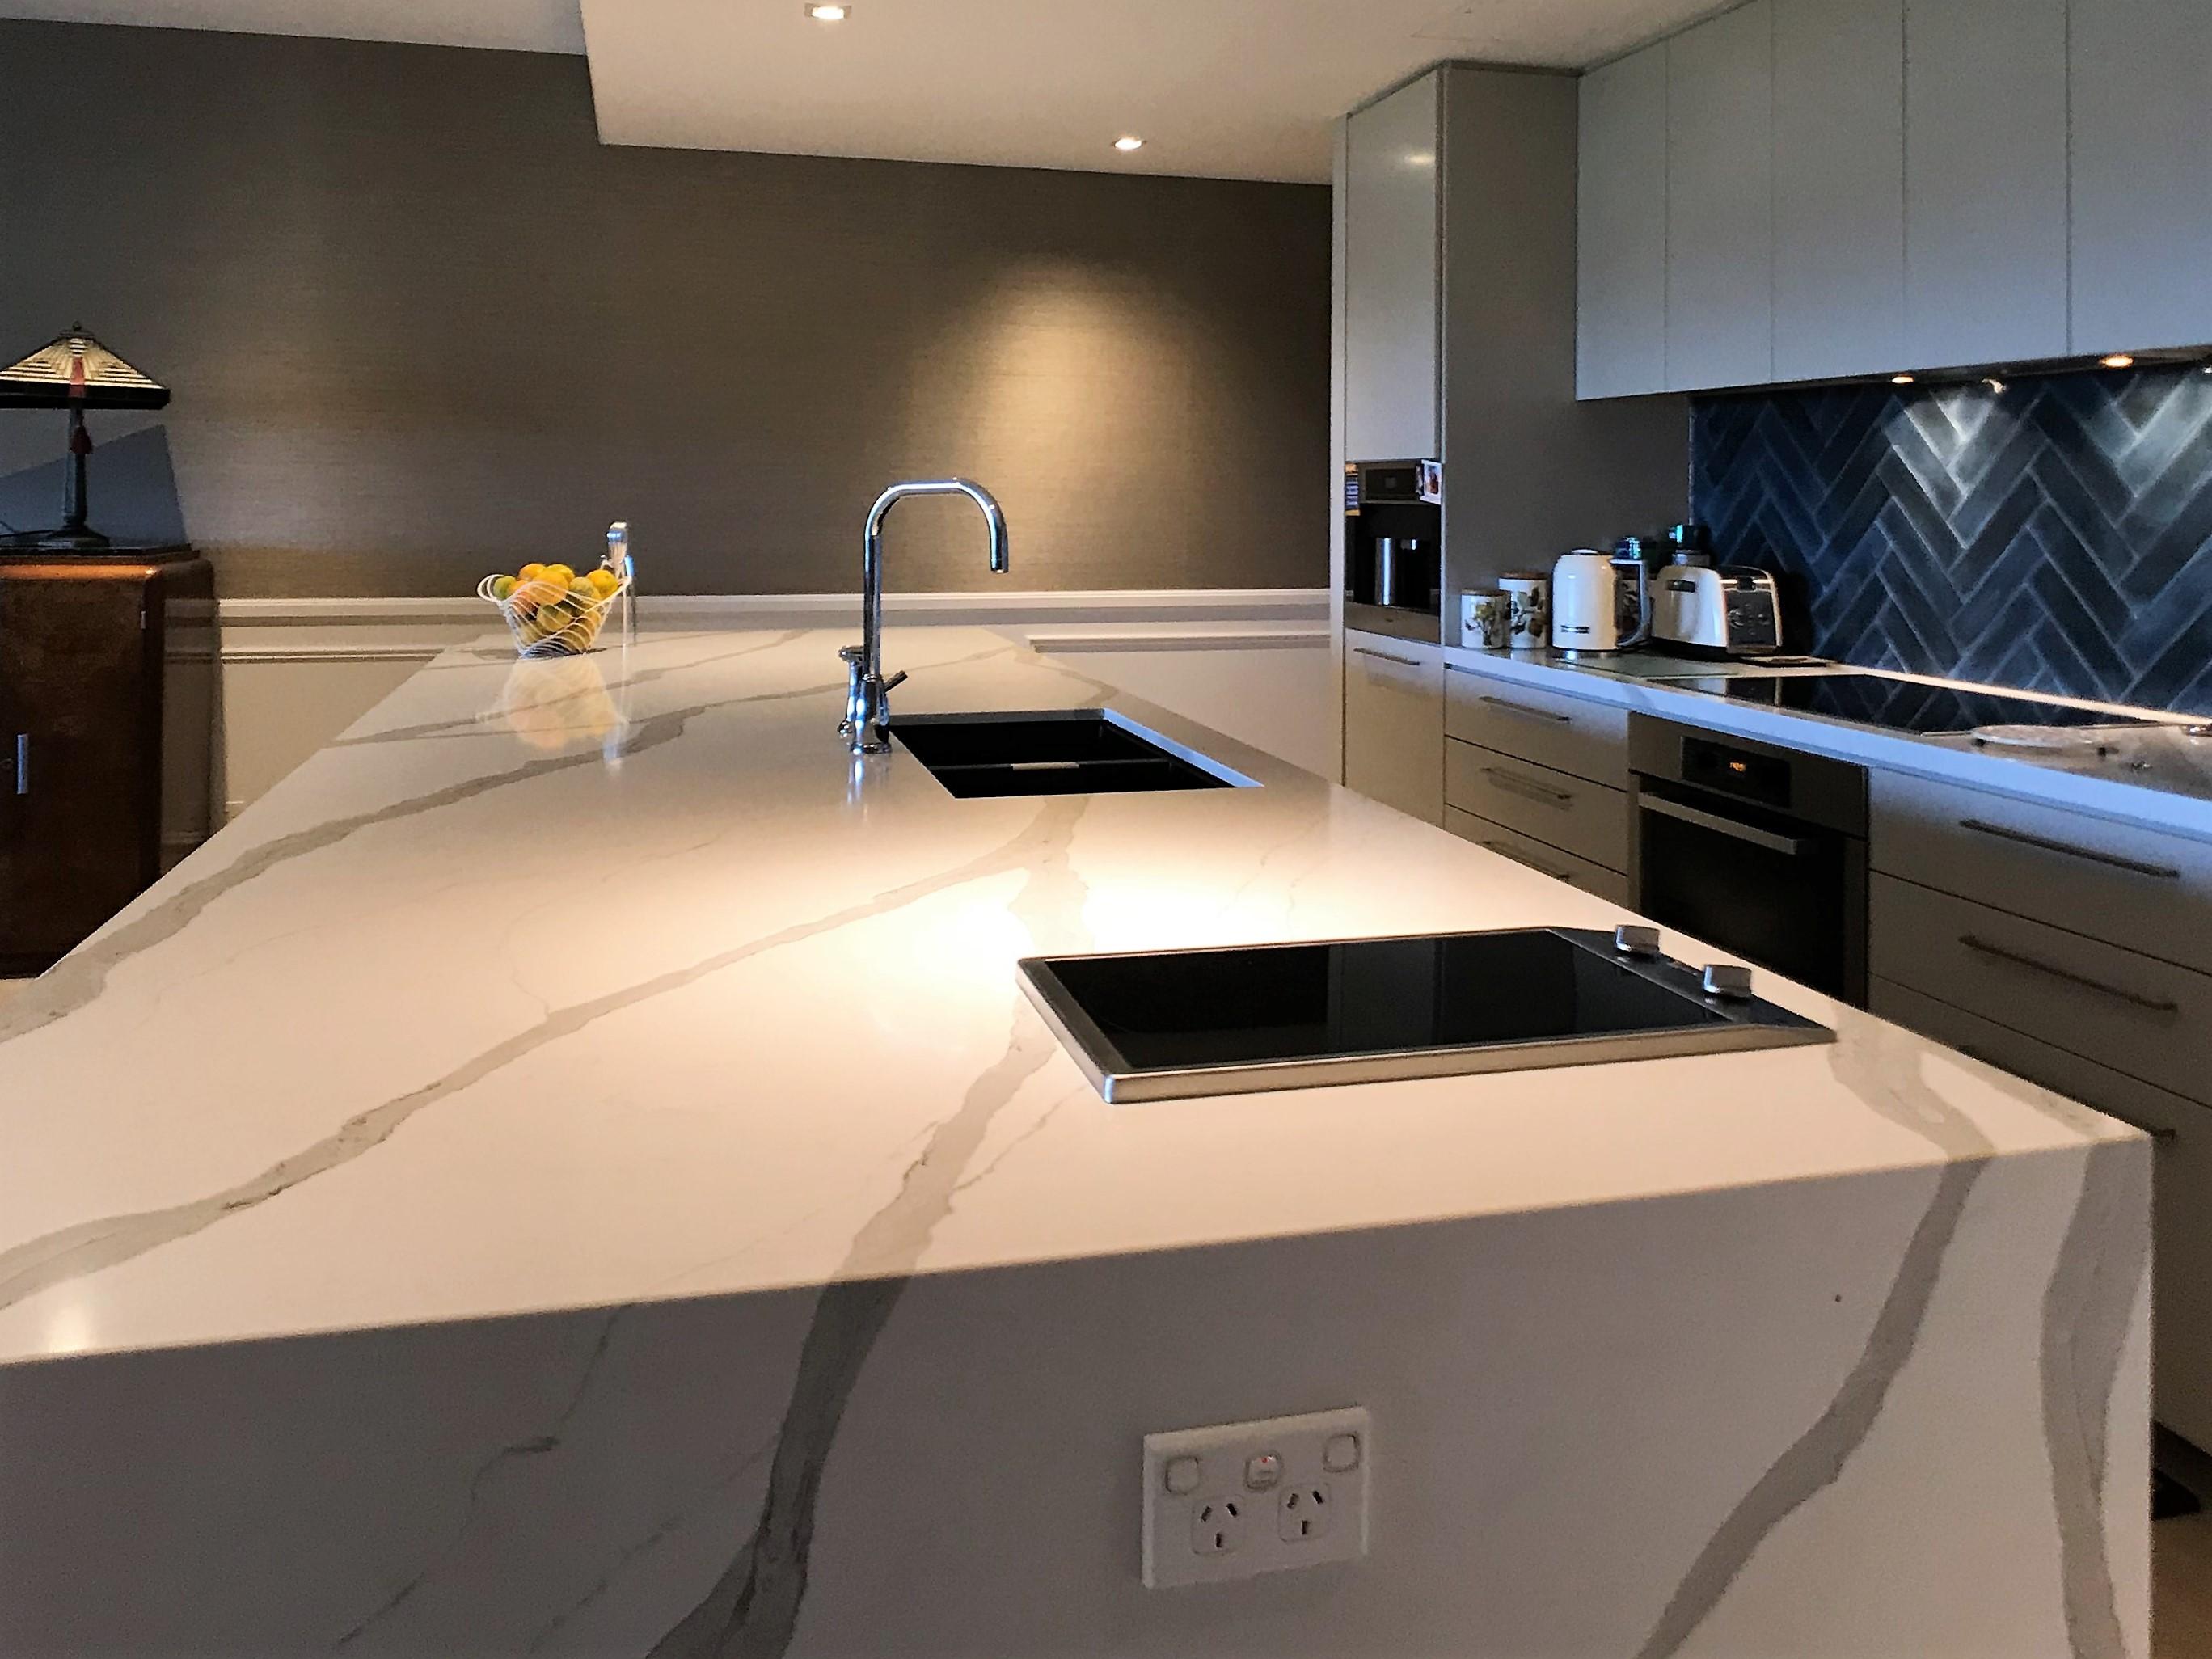 Stylish sinks on kitchen benchtop.